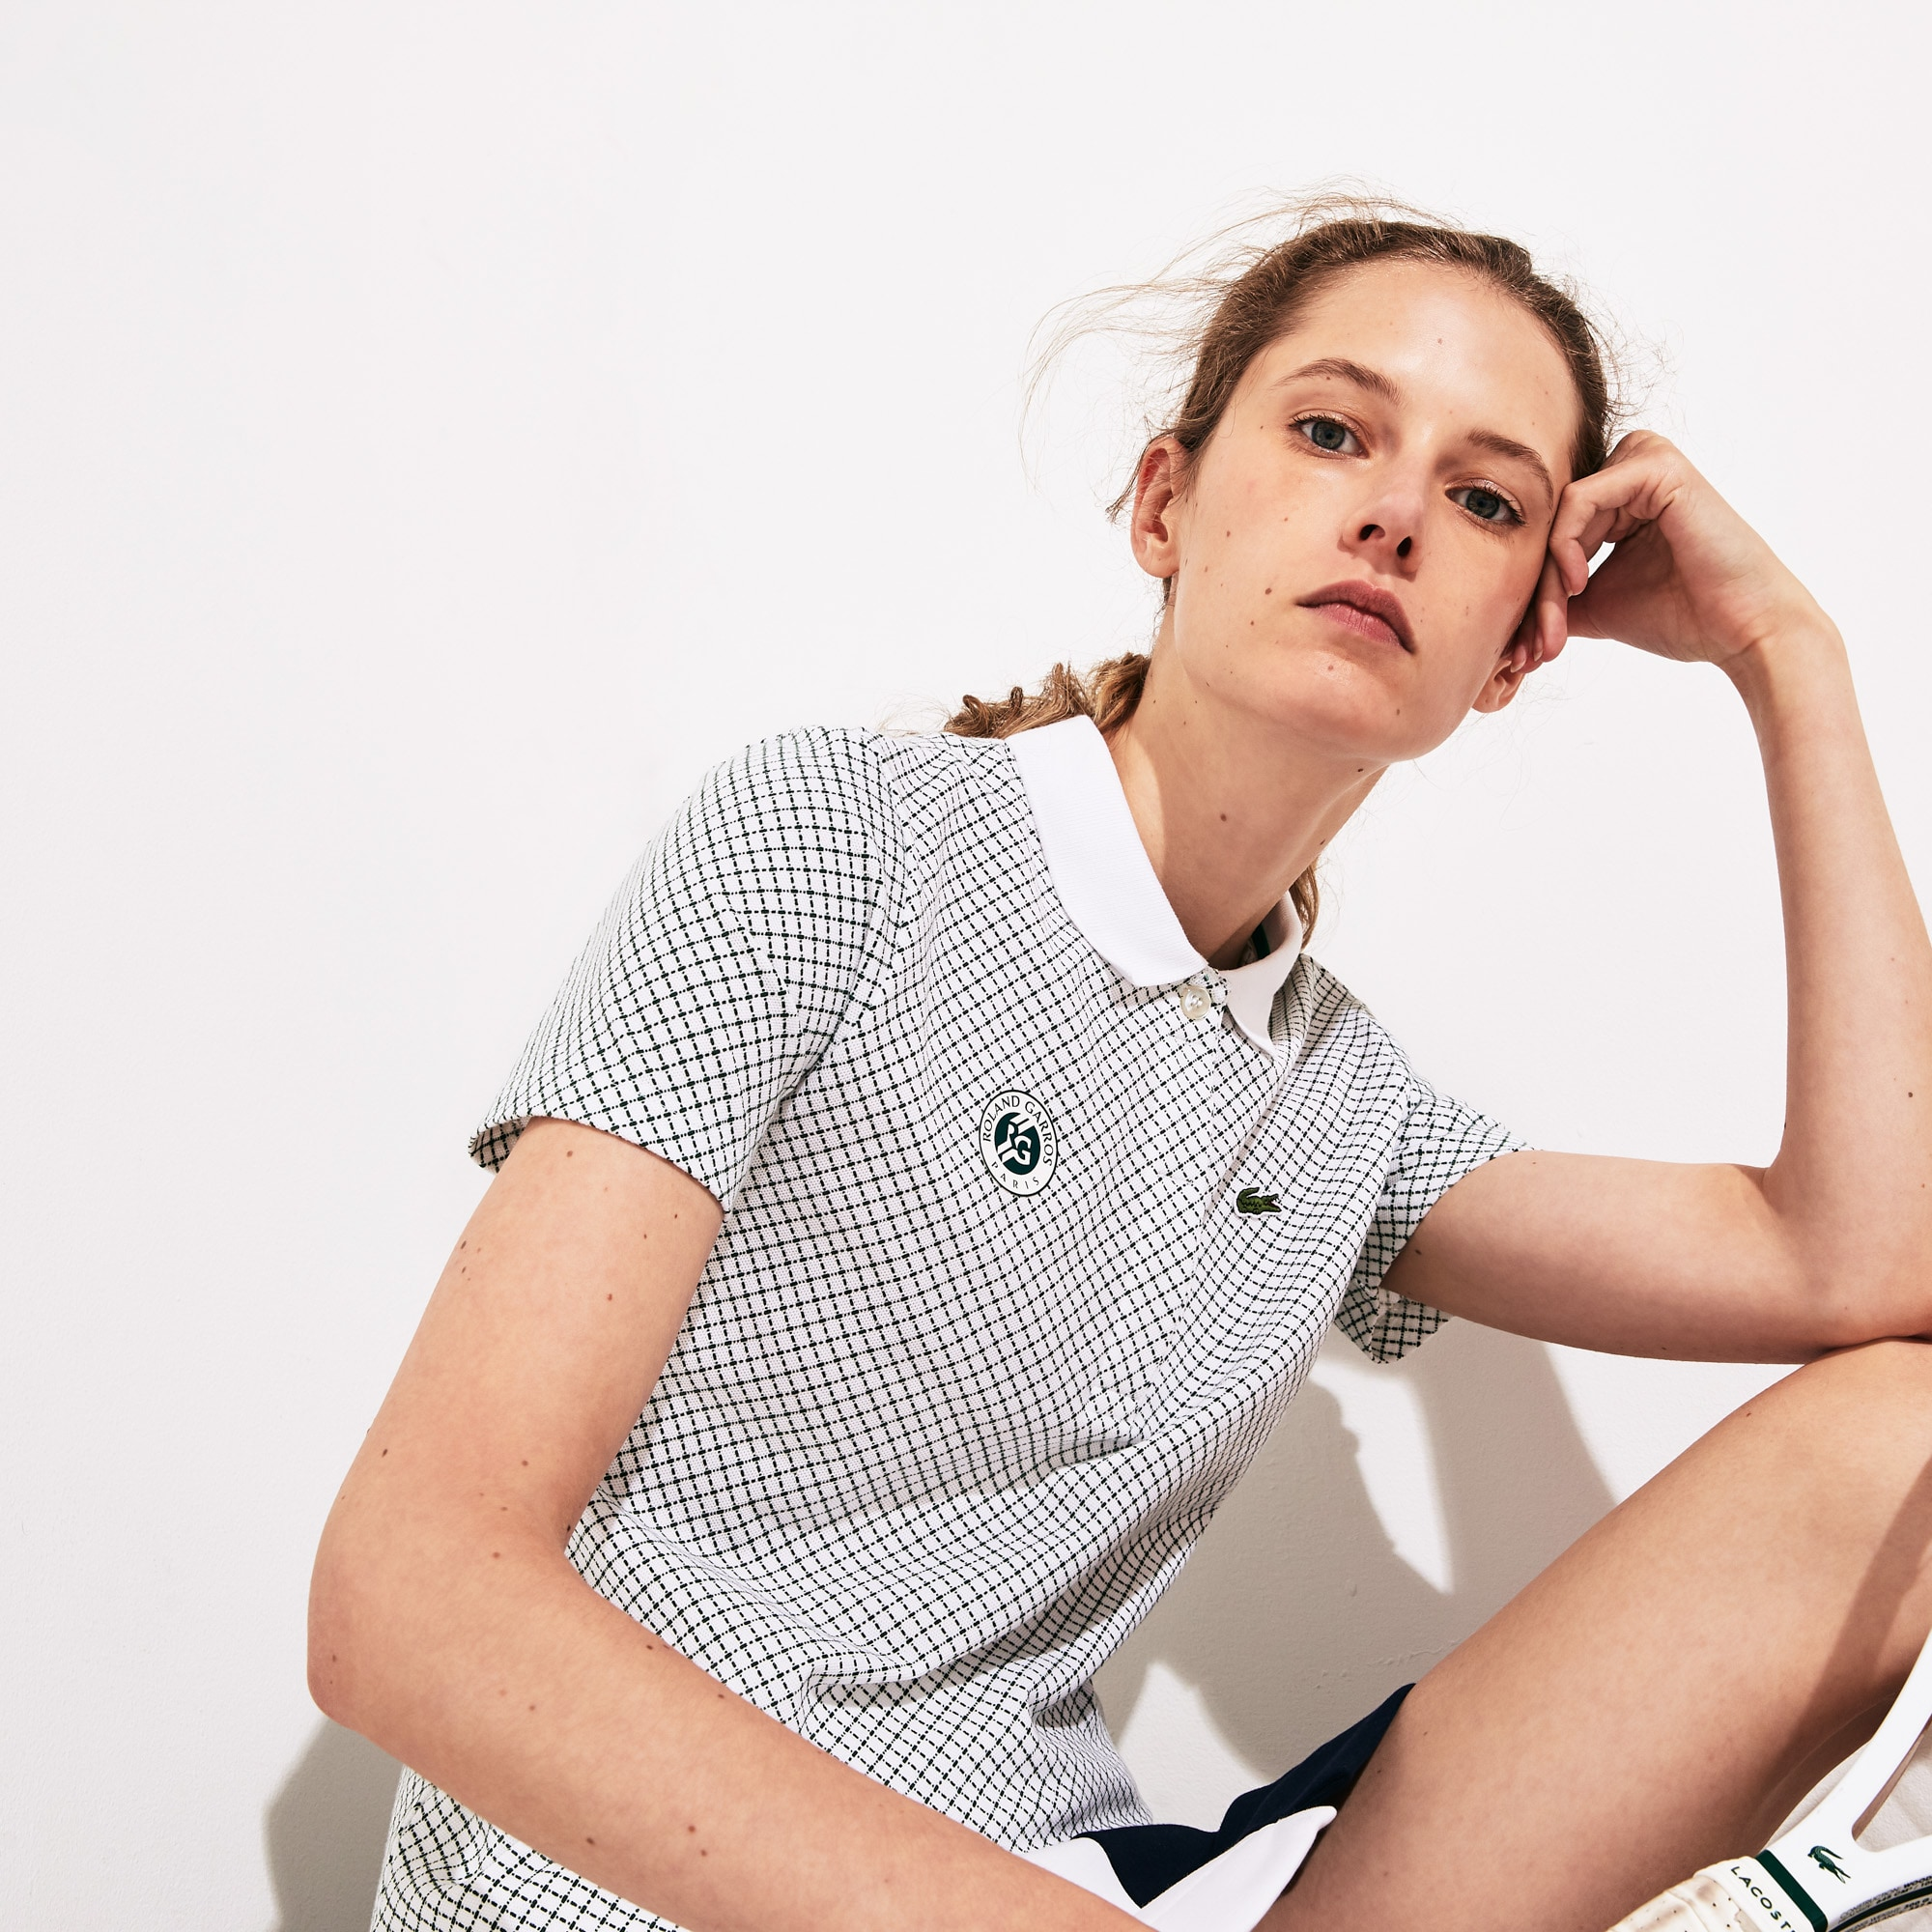 라코스테 스포츠 '롤랑가로스 에디션' 폴로셔츠 Lacoste Womens SPORT Roland Garros Printed Cotton Polo Shirt